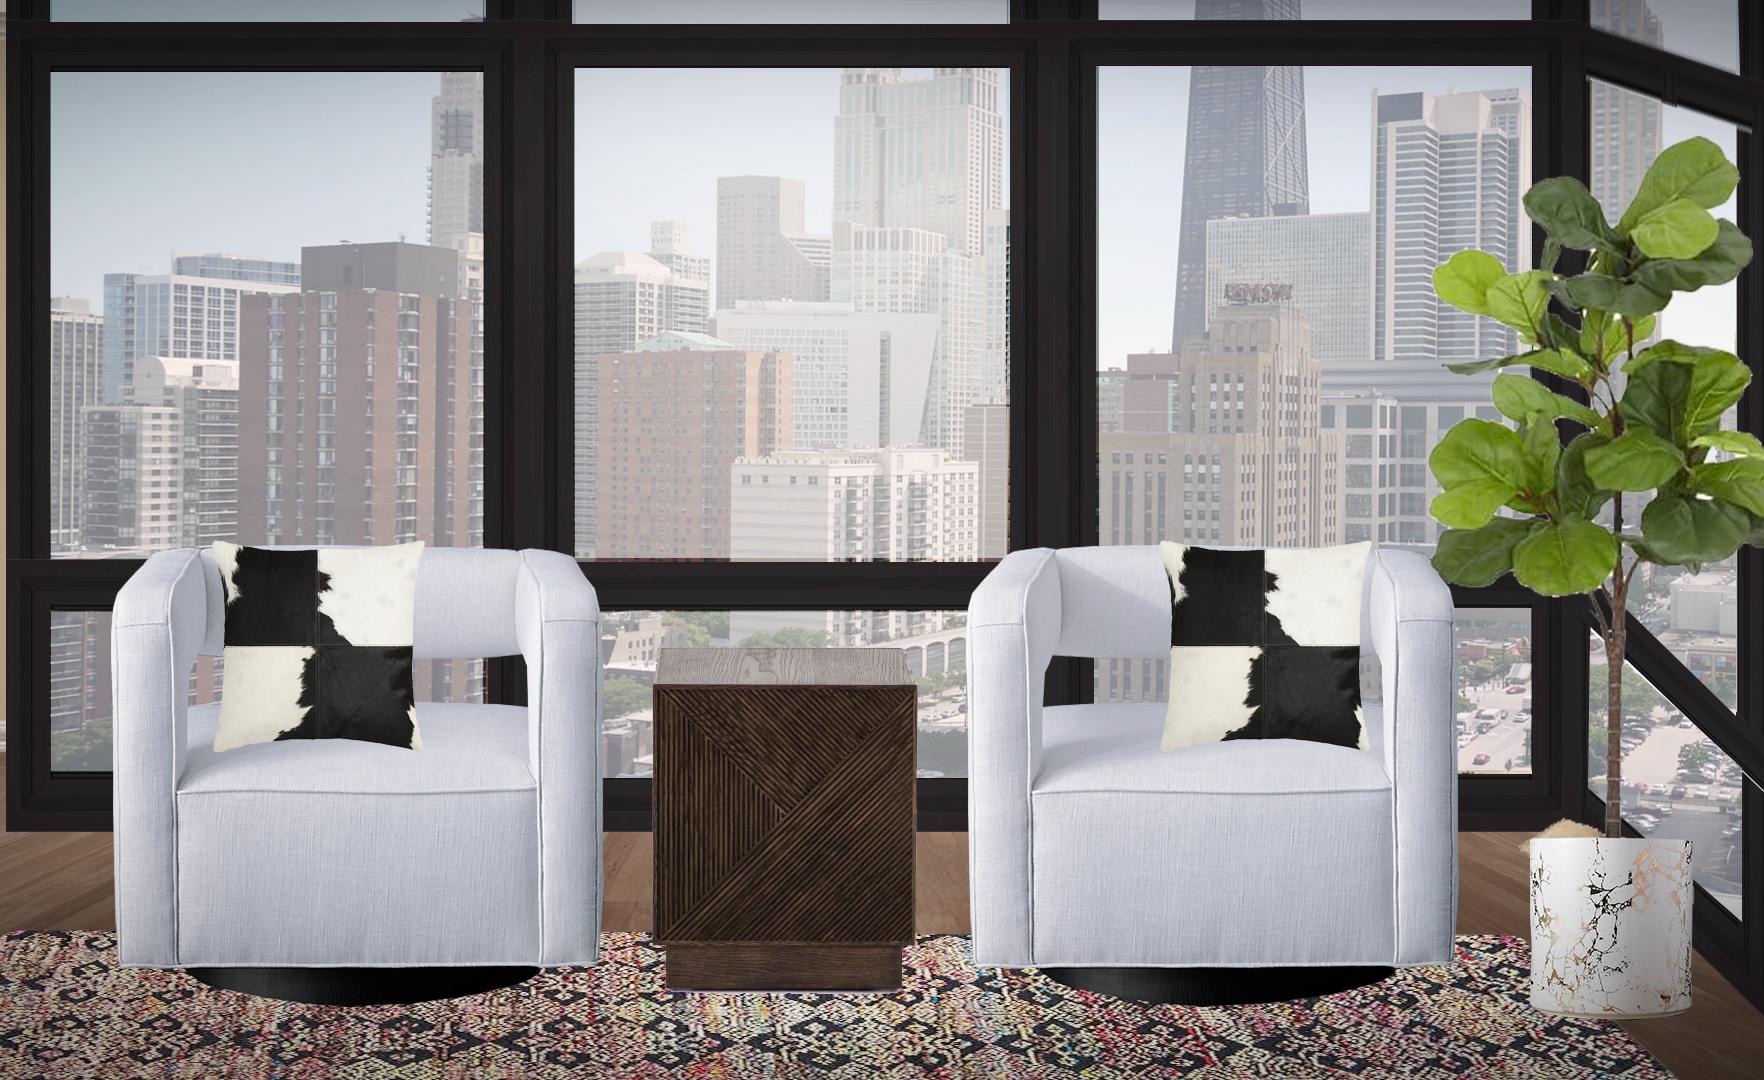 Christy Living Room Render 2.jpg